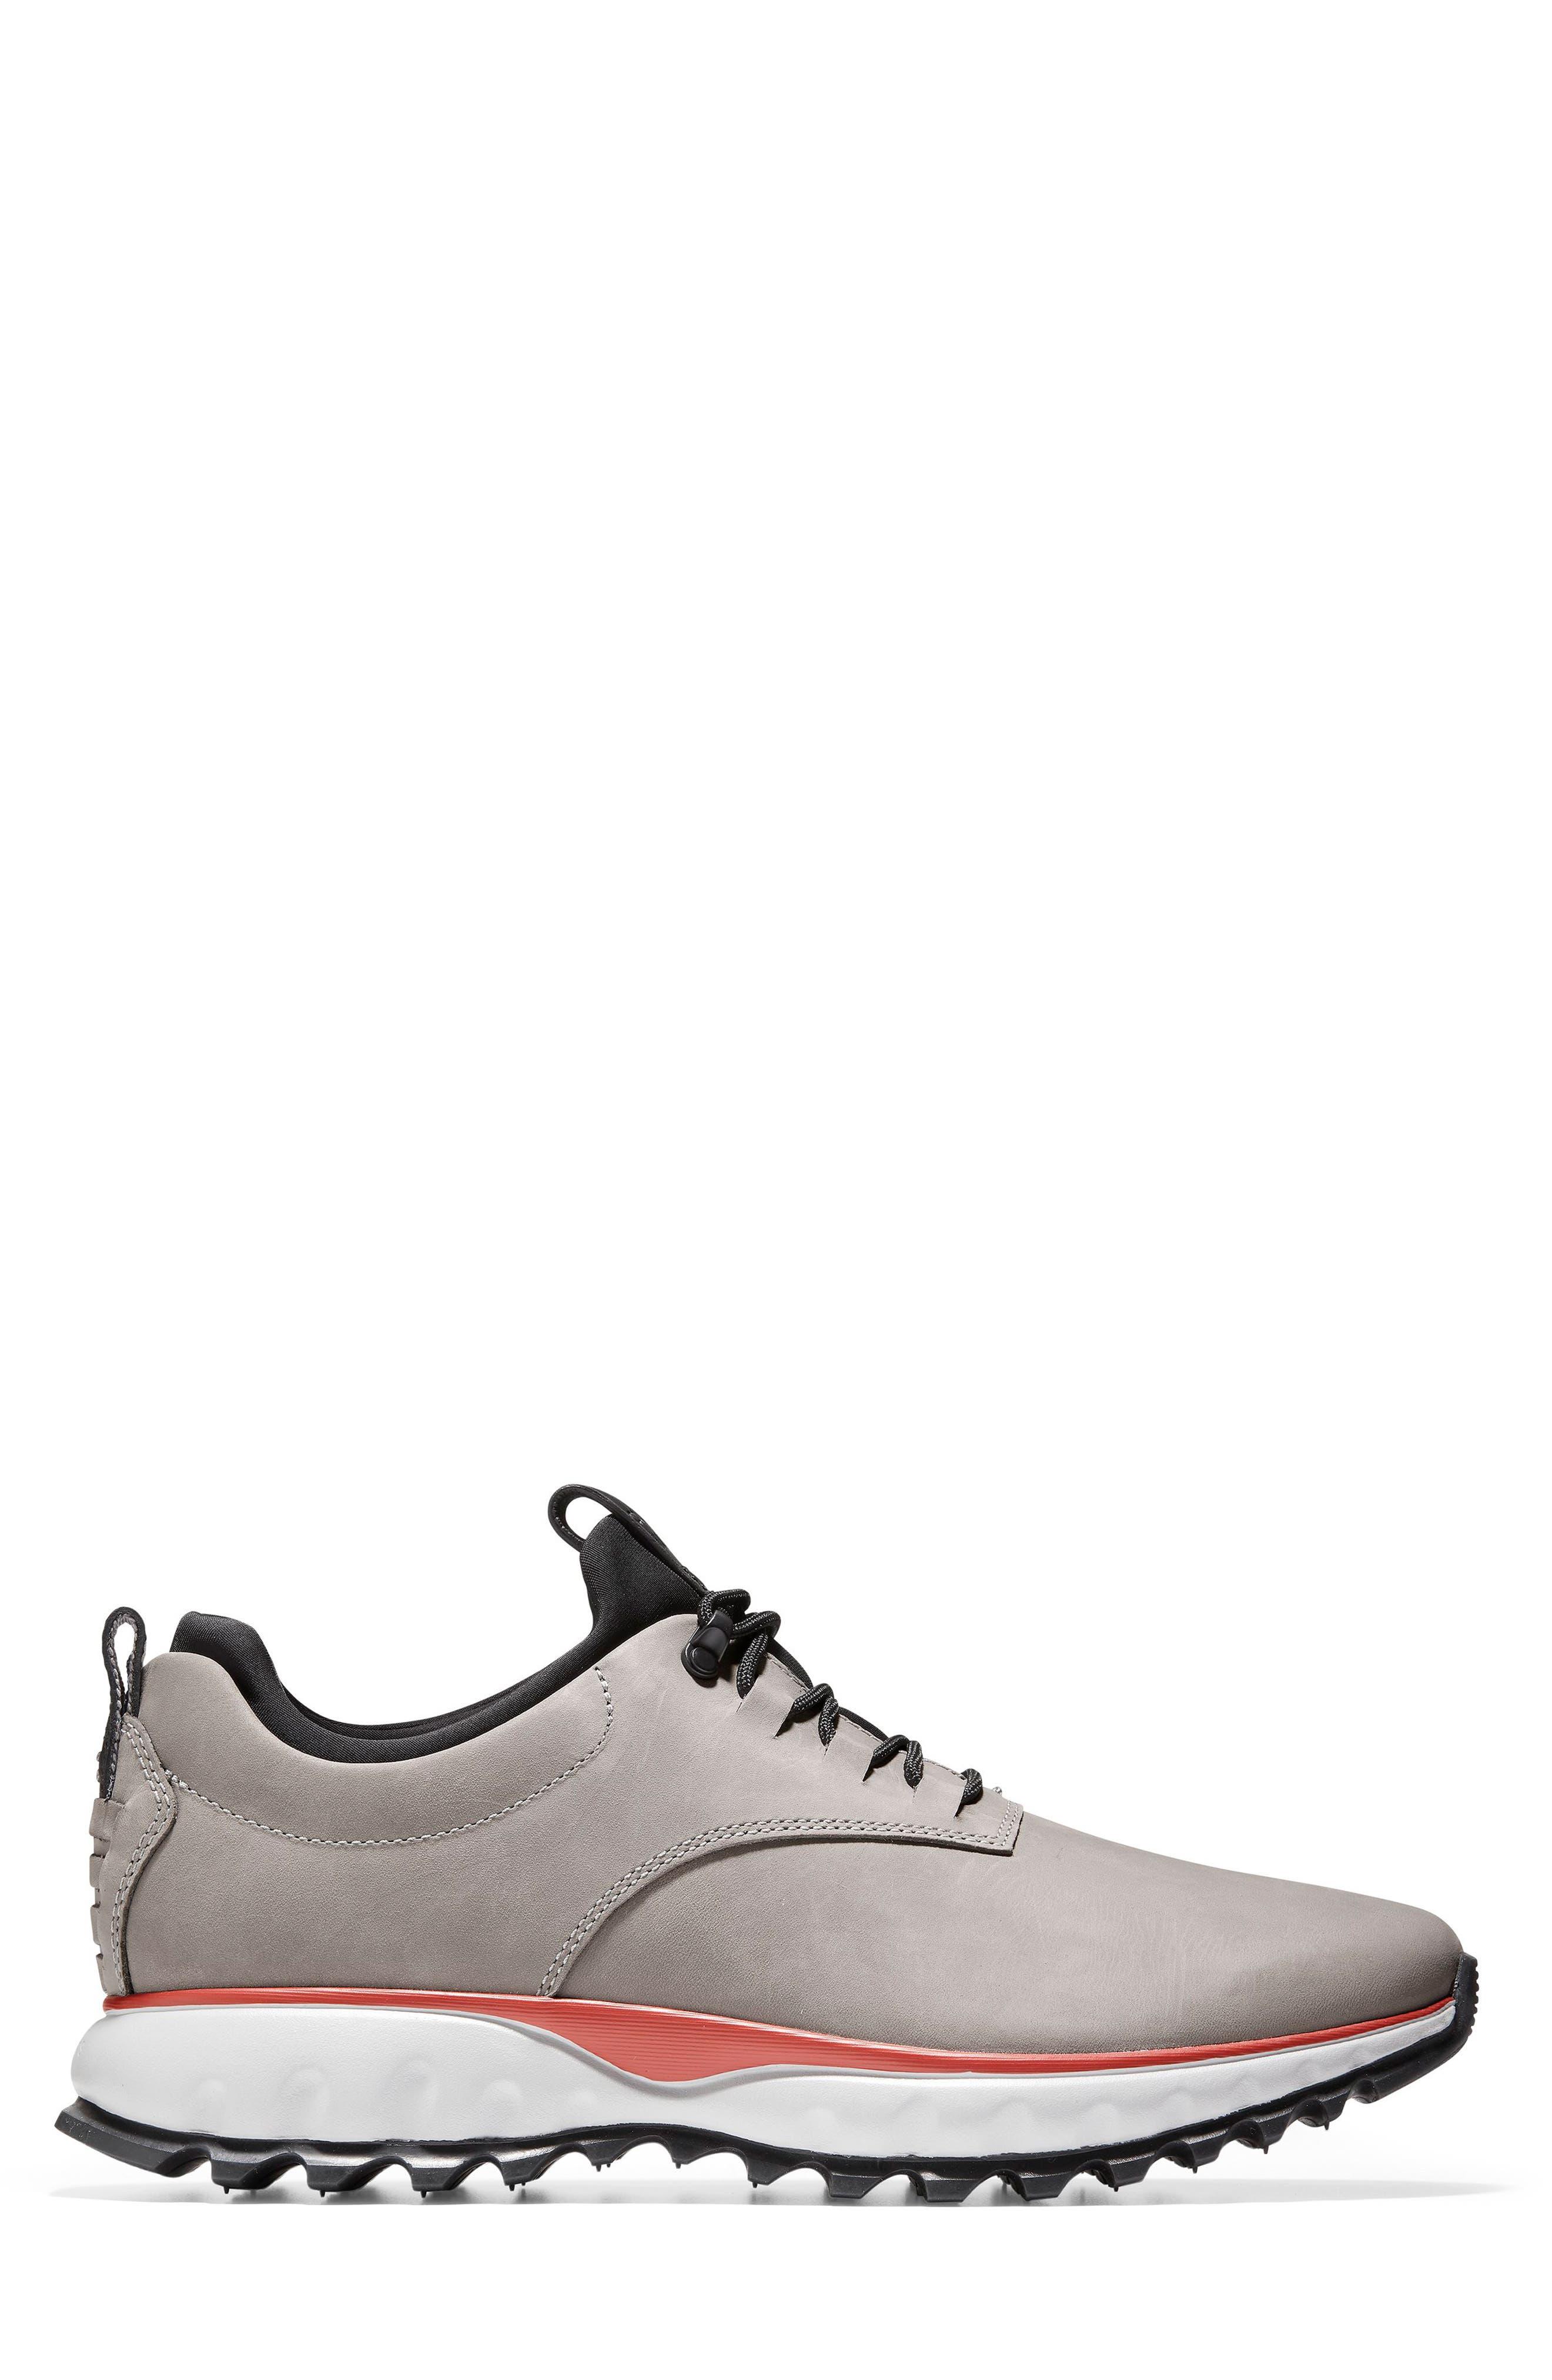 ZeroGrand Explore Sneaker,                             Alternate thumbnail 3, color,                             020